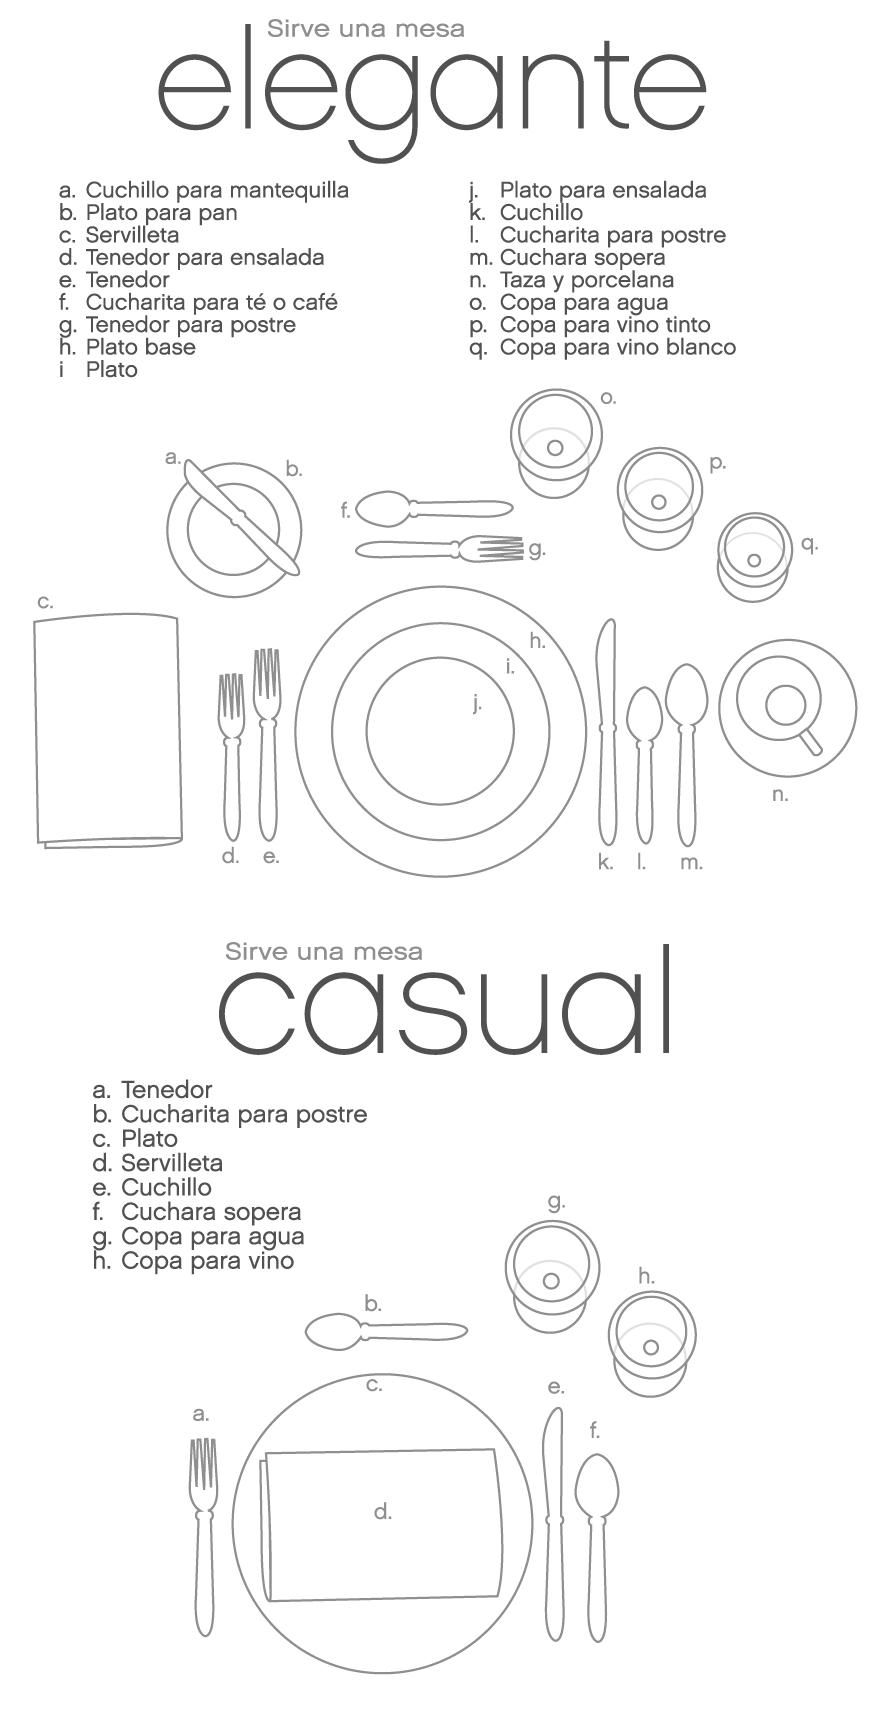 Cómo servir una mesa elegante y una mesa casual | Decoración mesa ...